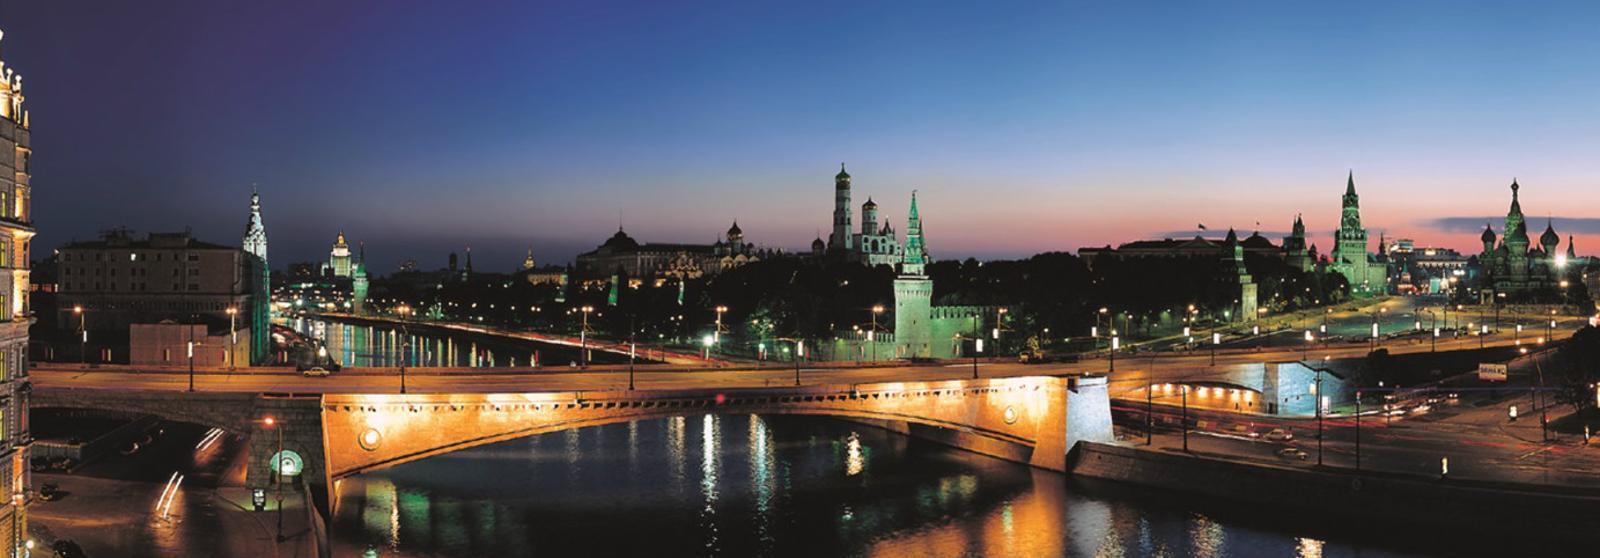 莫斯科、圣彼得堡7天文化艺术之旅 www.lhw.cn